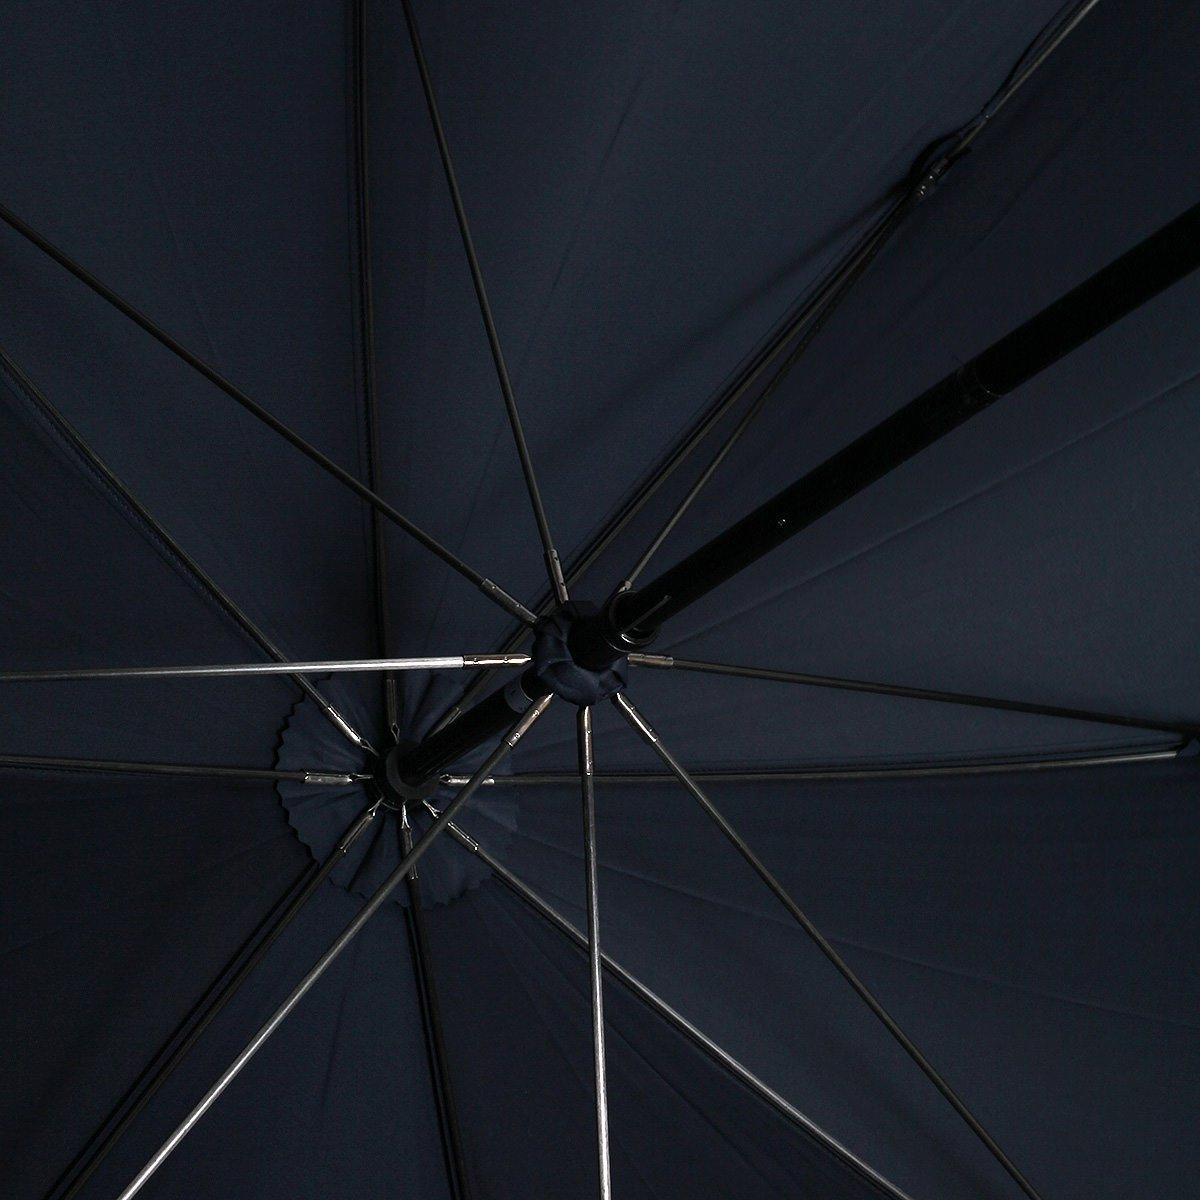 強力撥水 レインドロップ レクタス 大判 長傘 詳細画像11